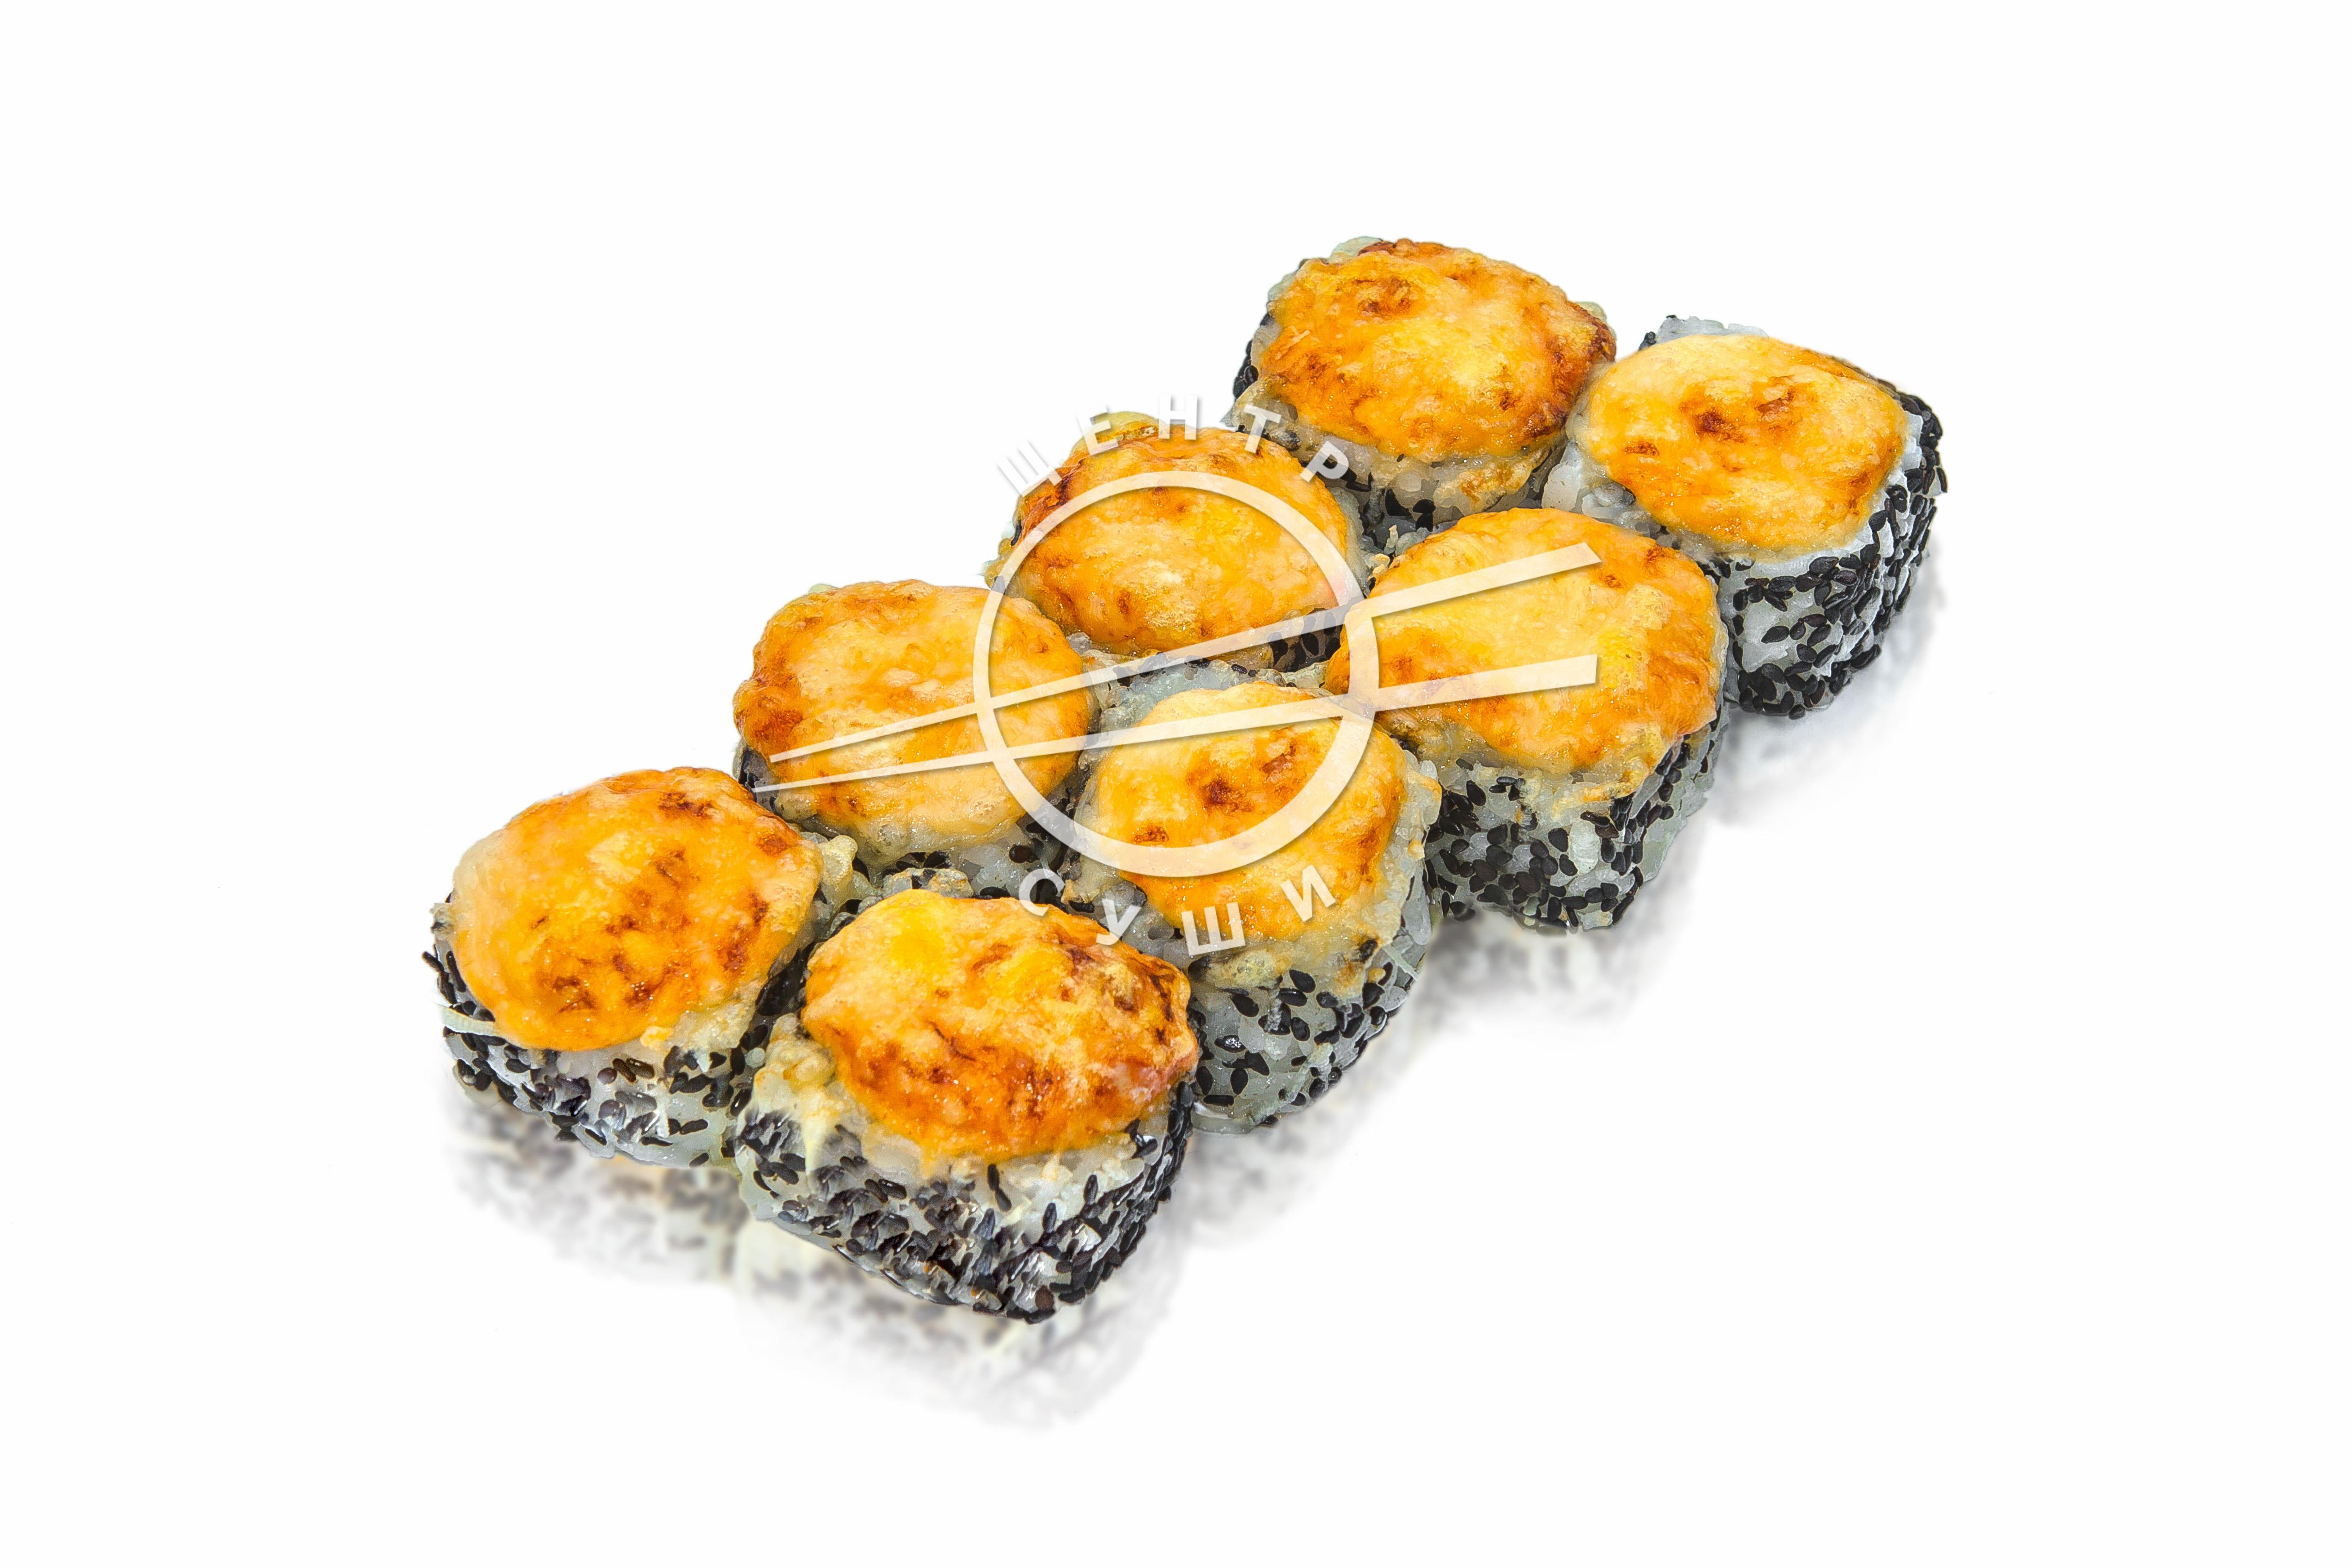 """""""Центр Суши"""": суши-сеты от 10,44 руб./555 г, роллы от 6,23 руб./270 г + гарнир!"""